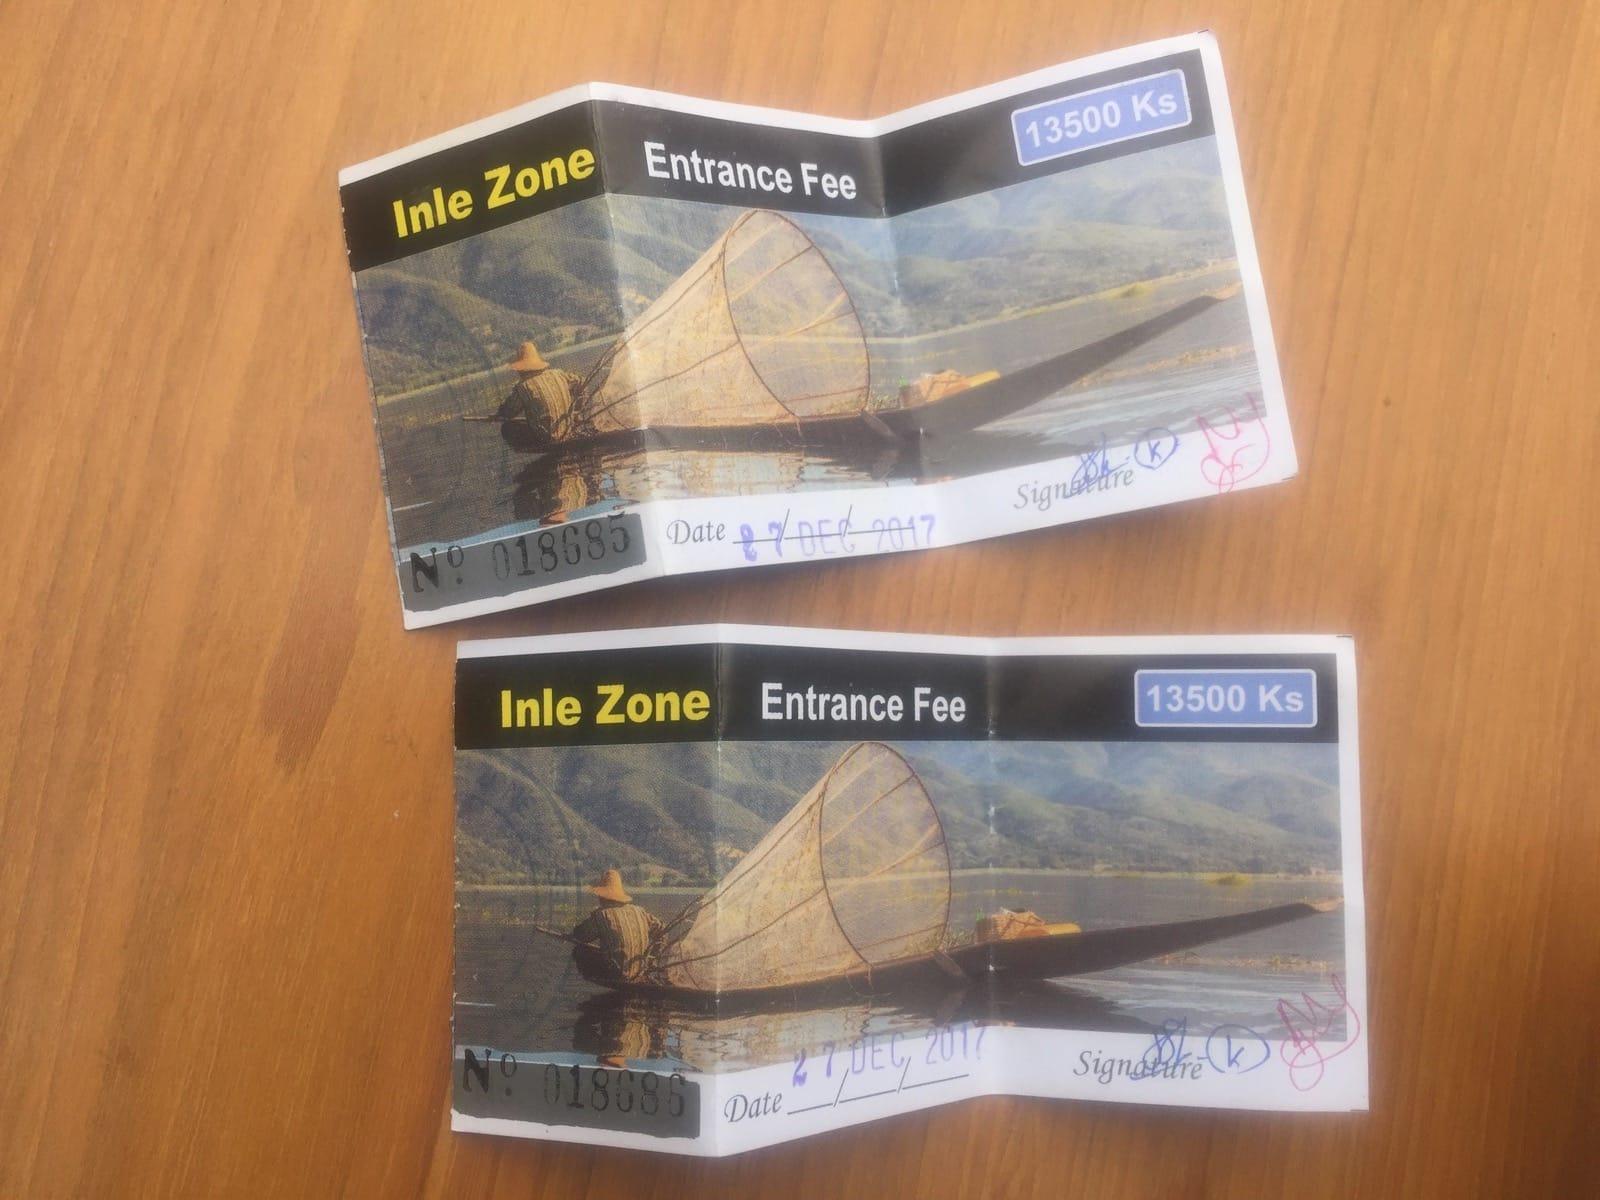 Eintrittsticket zum Inle See: 13.500 Kyat.